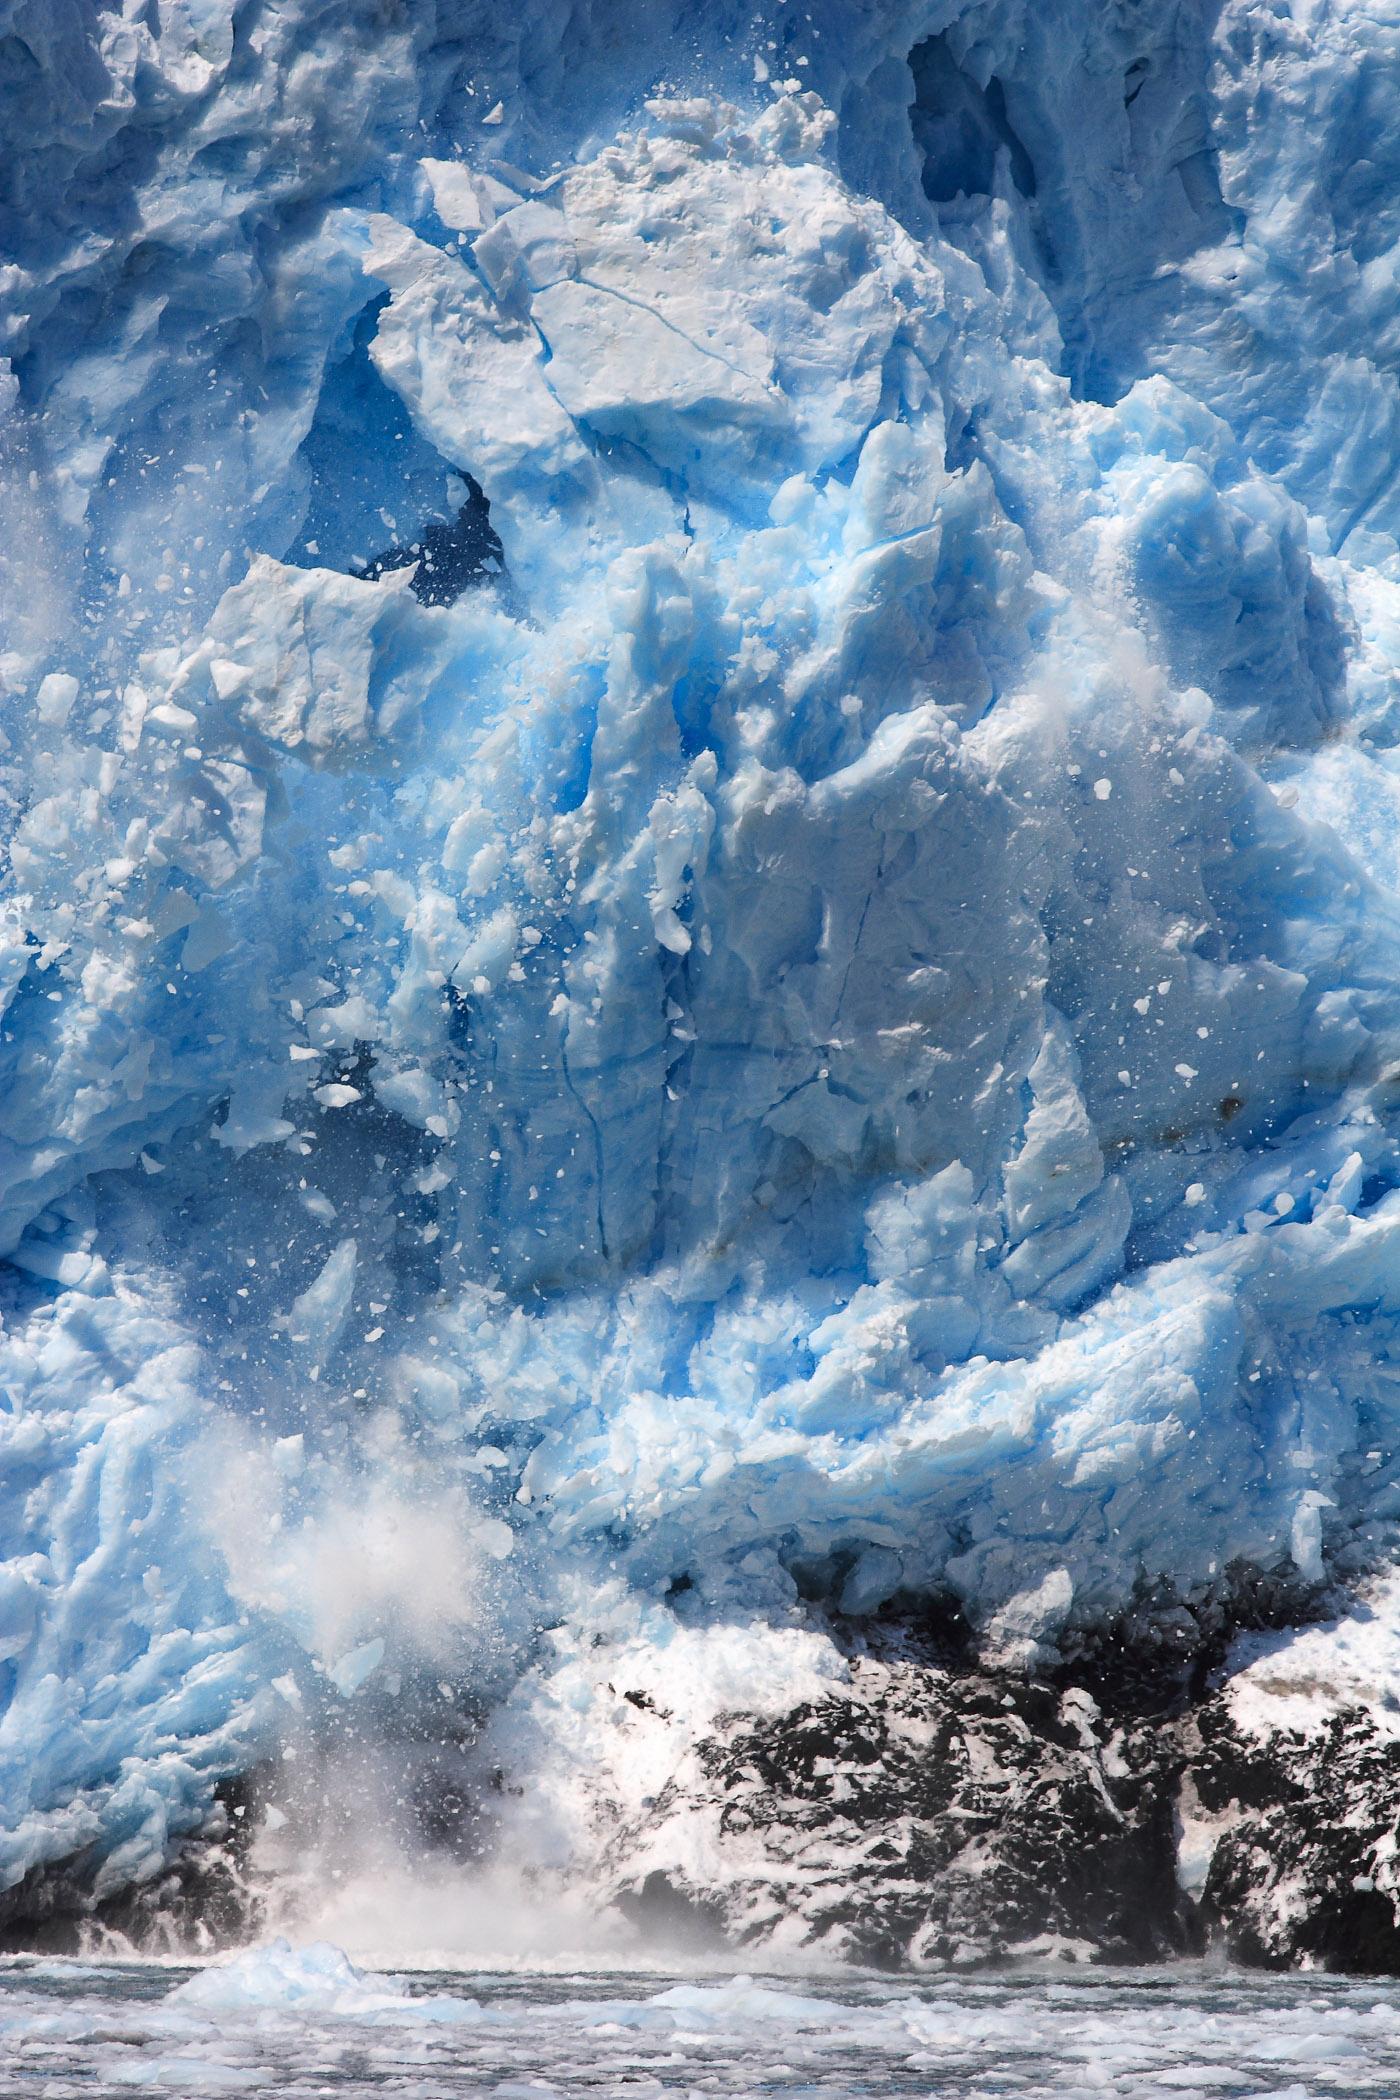 Glacier - Kenai Fjords